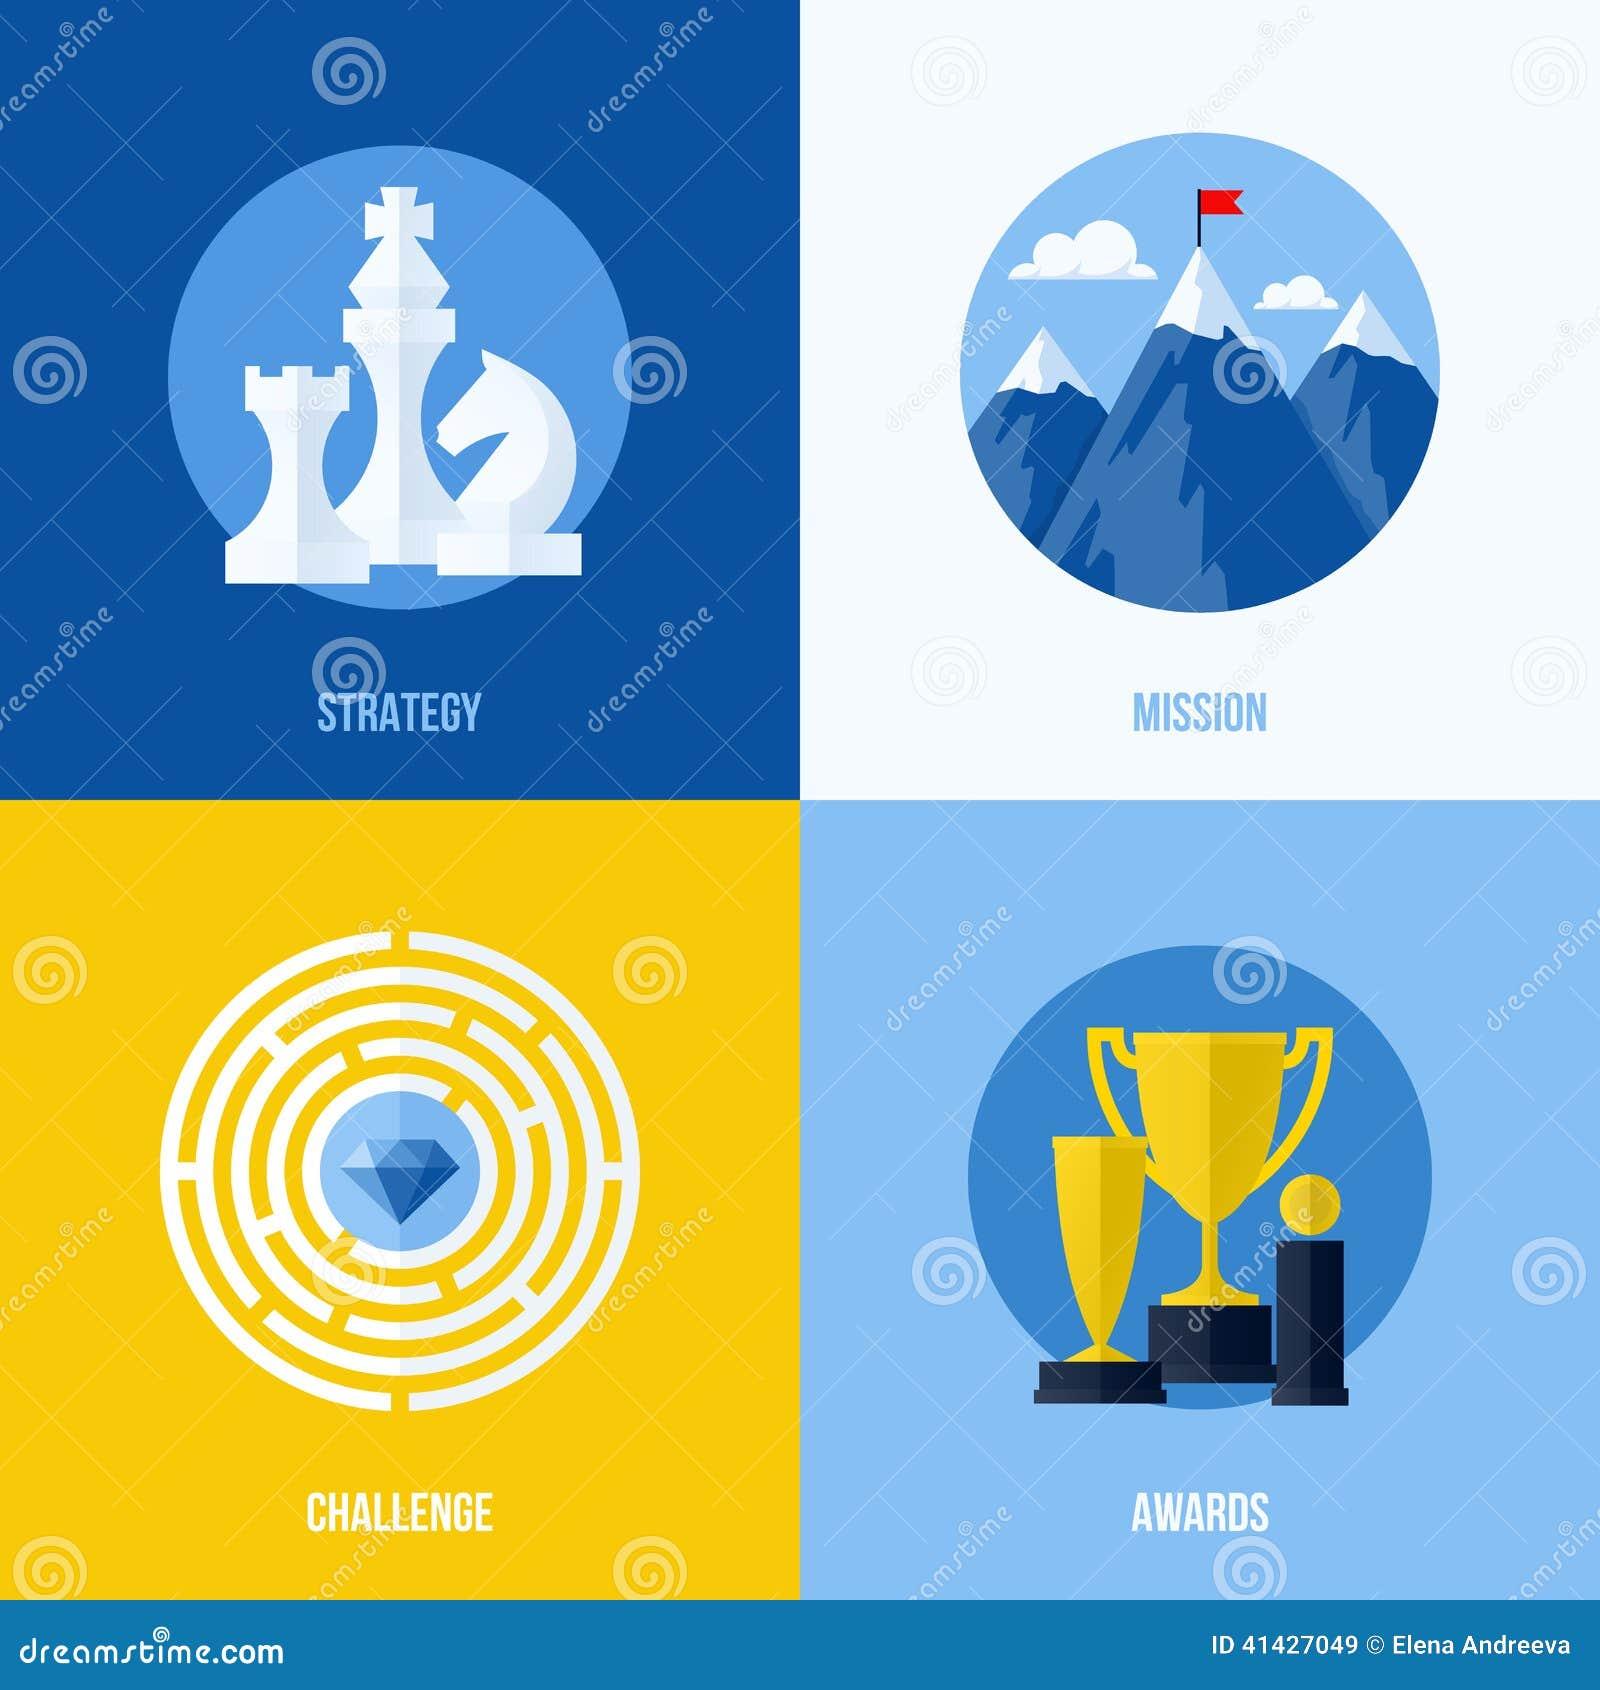 战略的,使命,挑战,奖概念